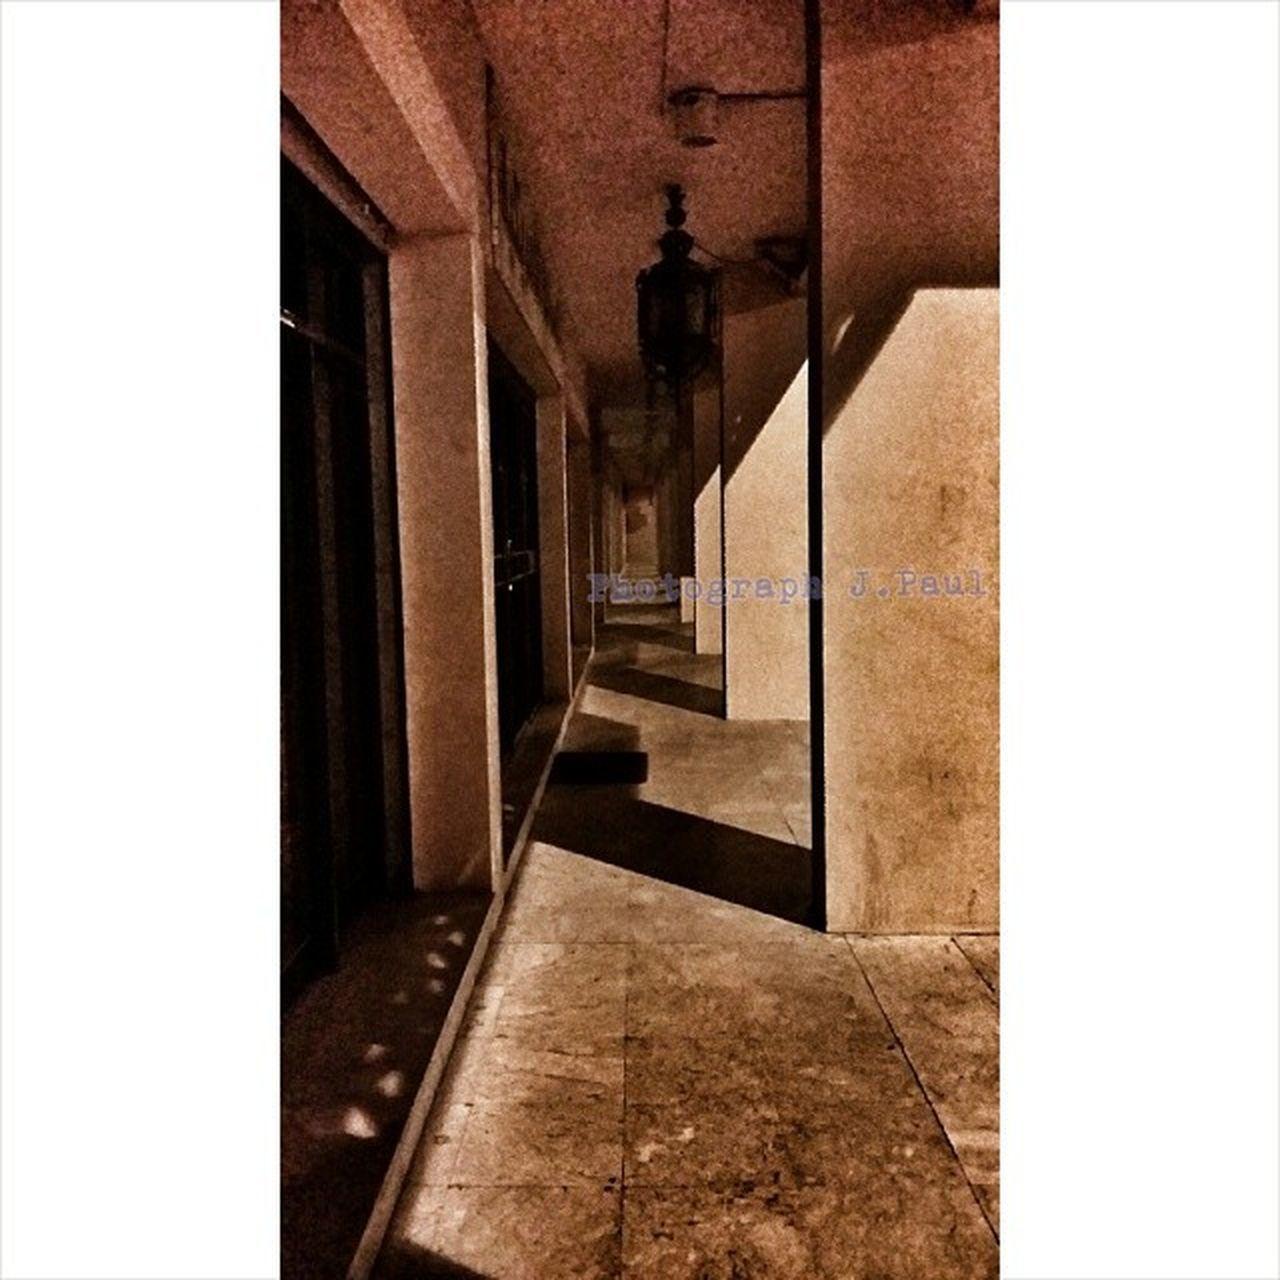 architecture, built structure, door, indoors, no people, doorway, building exterior, day